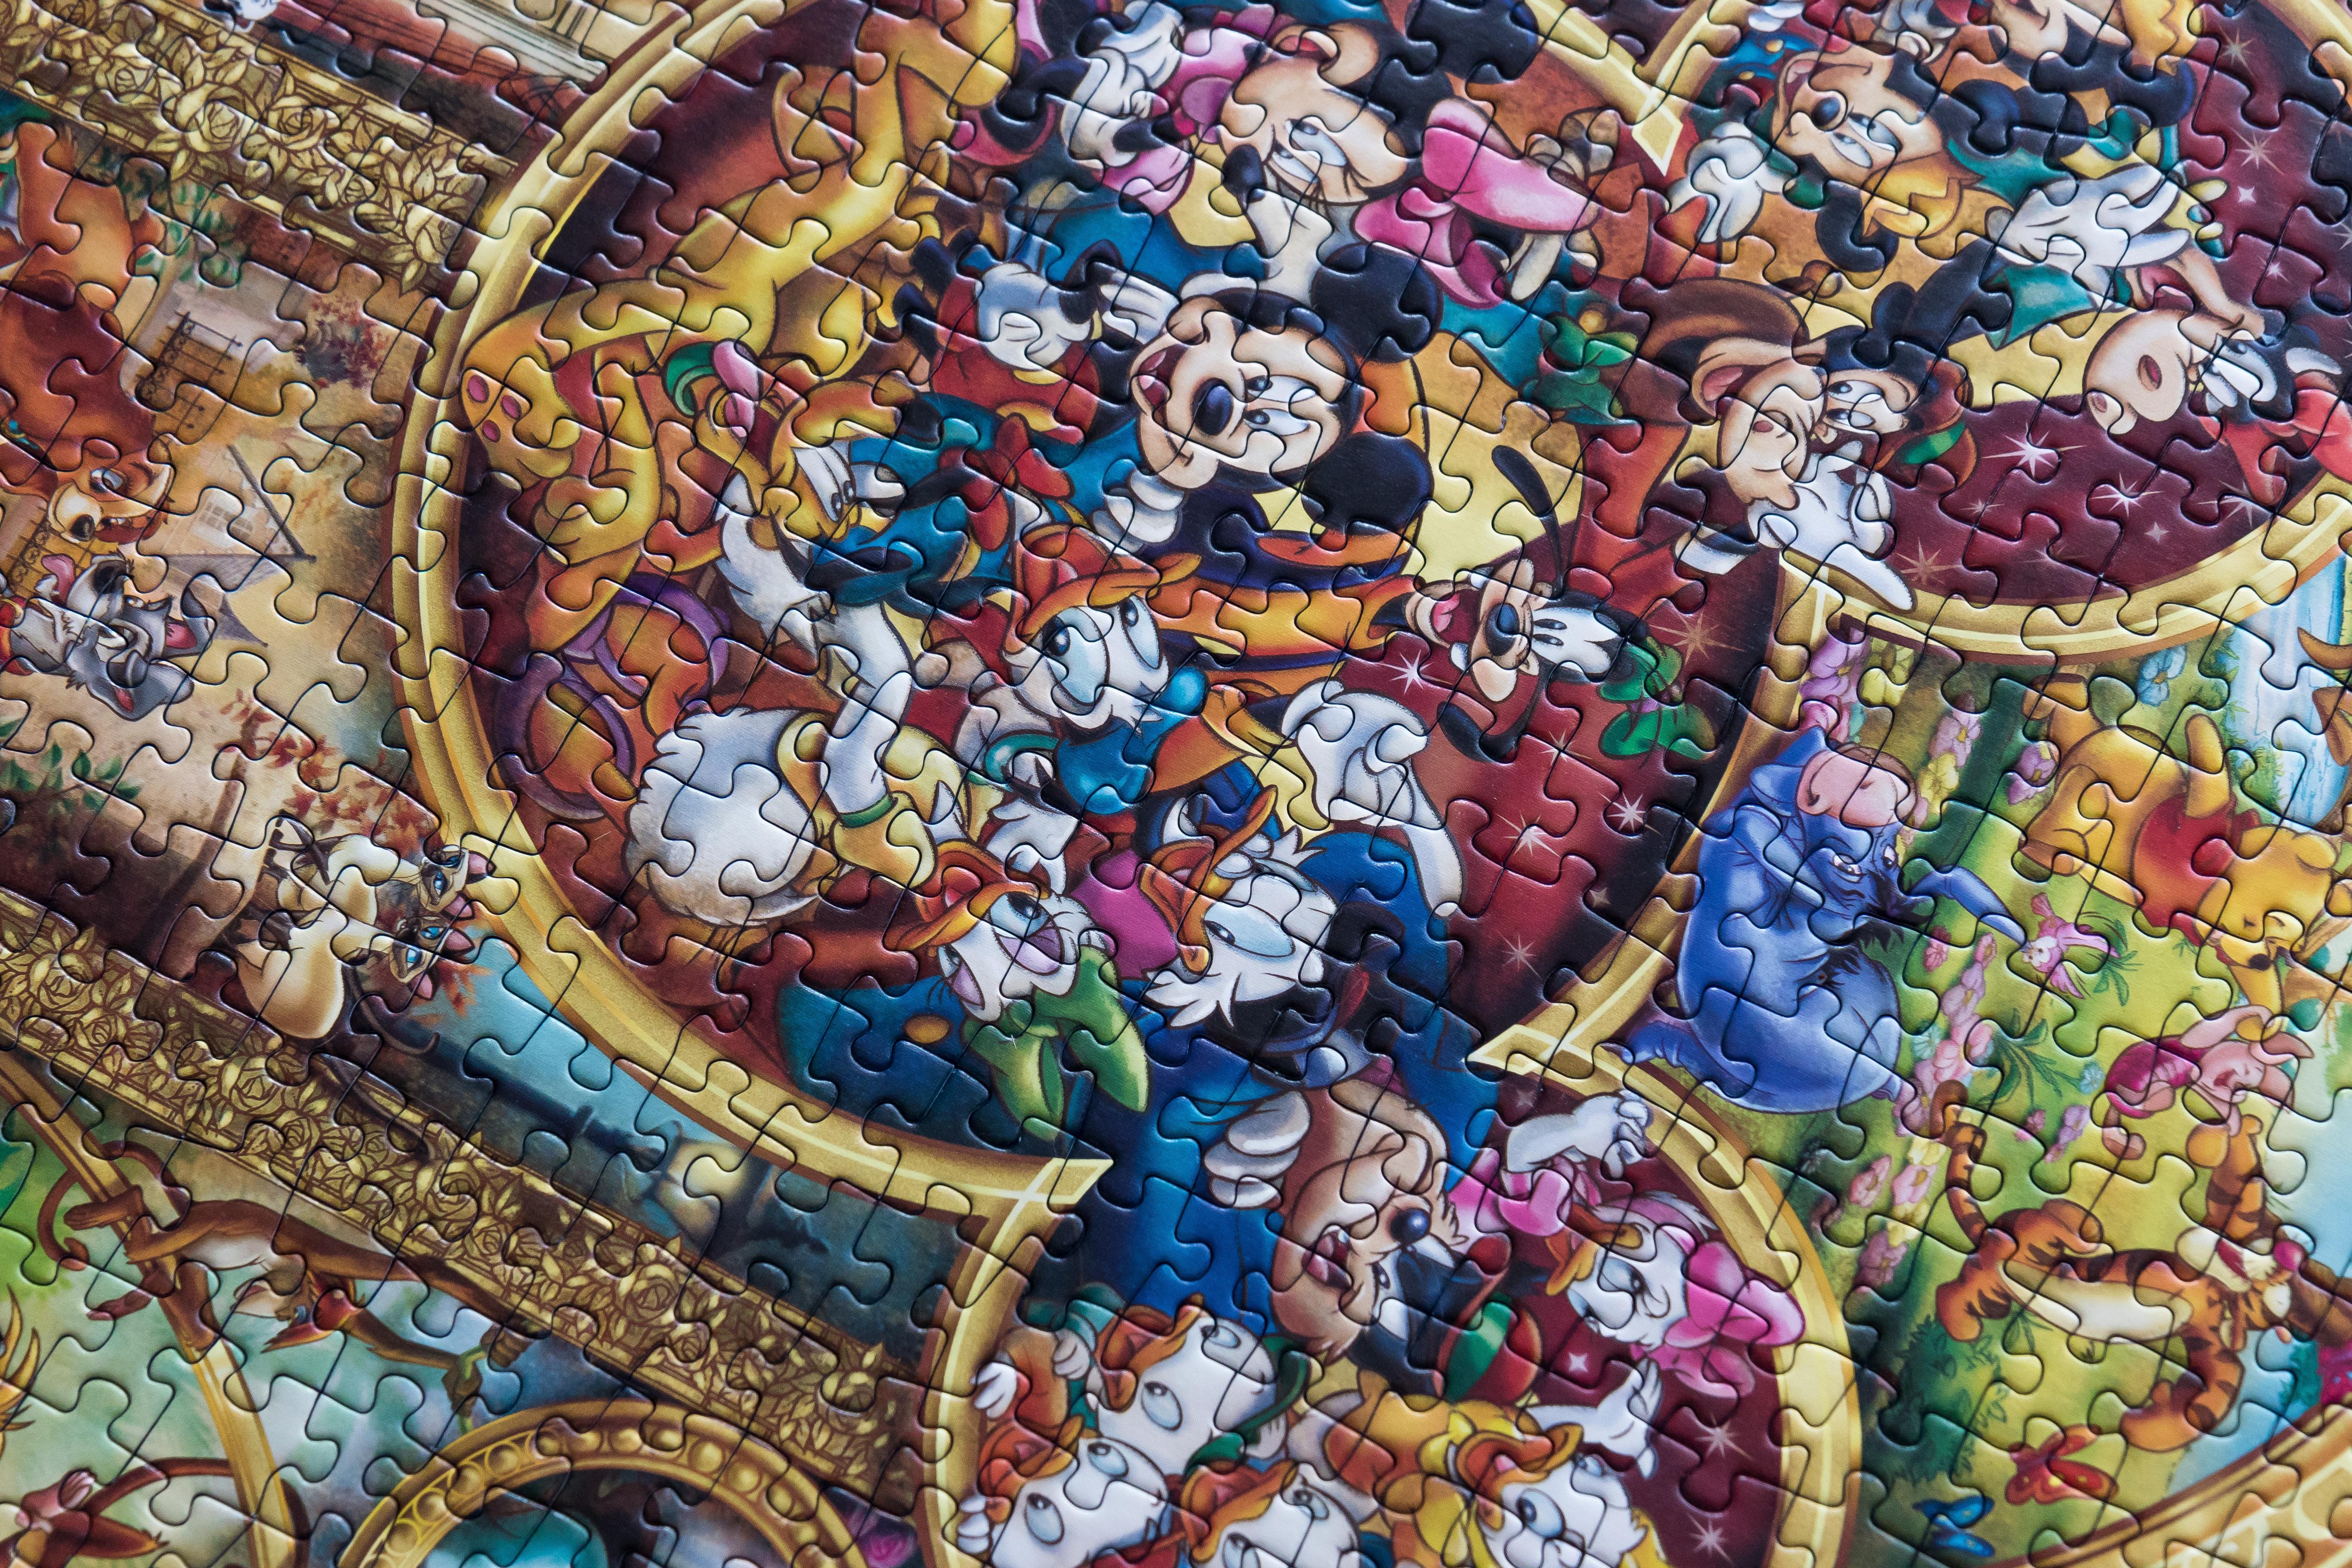 Gambar Permainan Pola Anak Disney Kesenangan Mosaik Lukisan